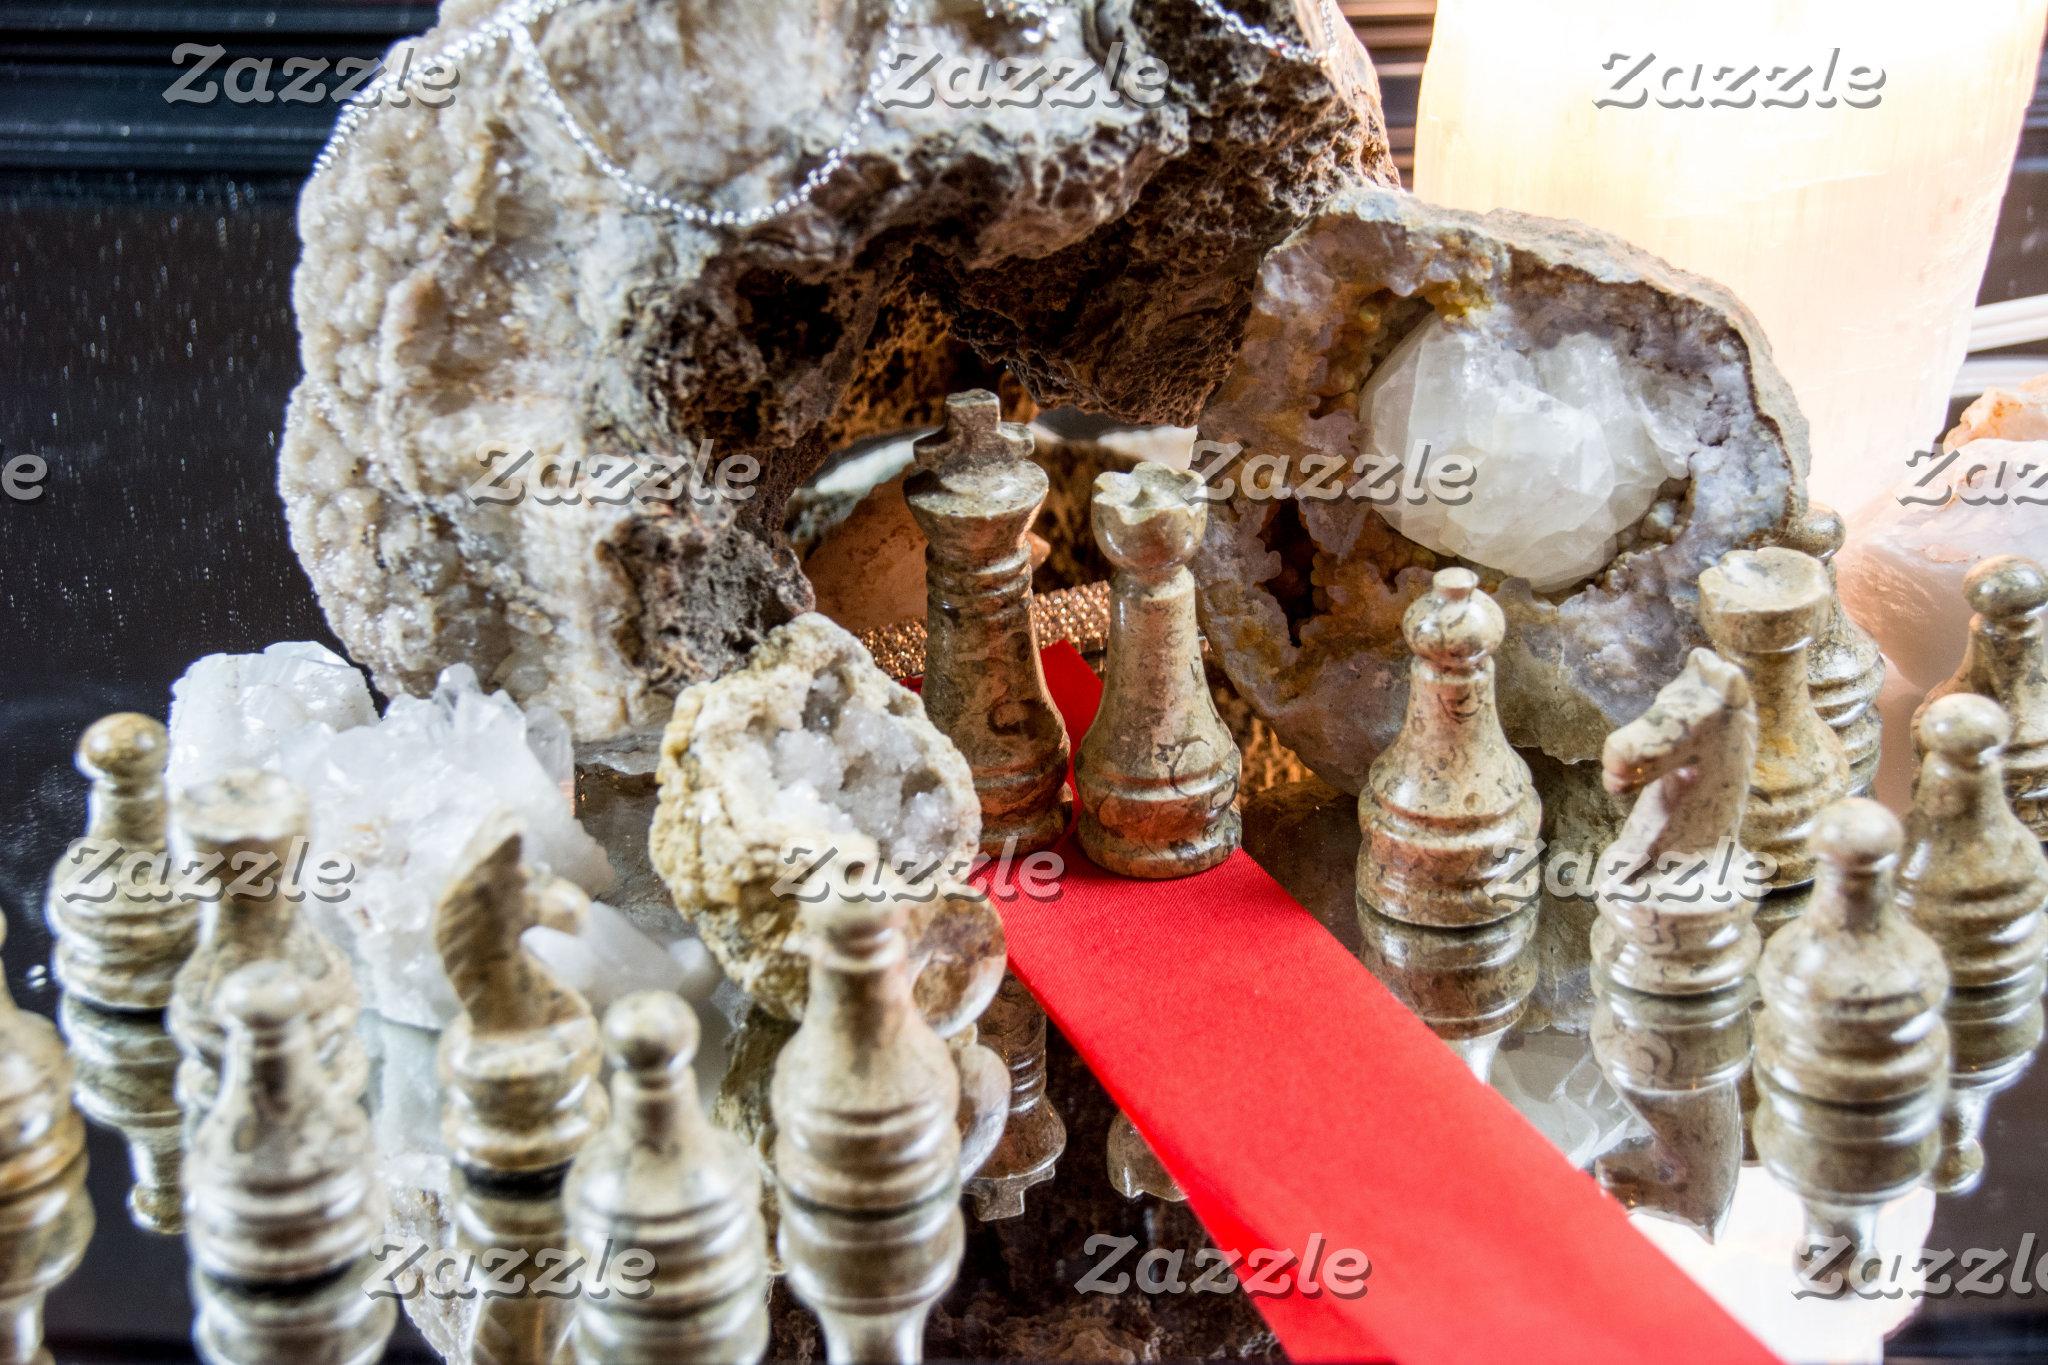 Chesstone